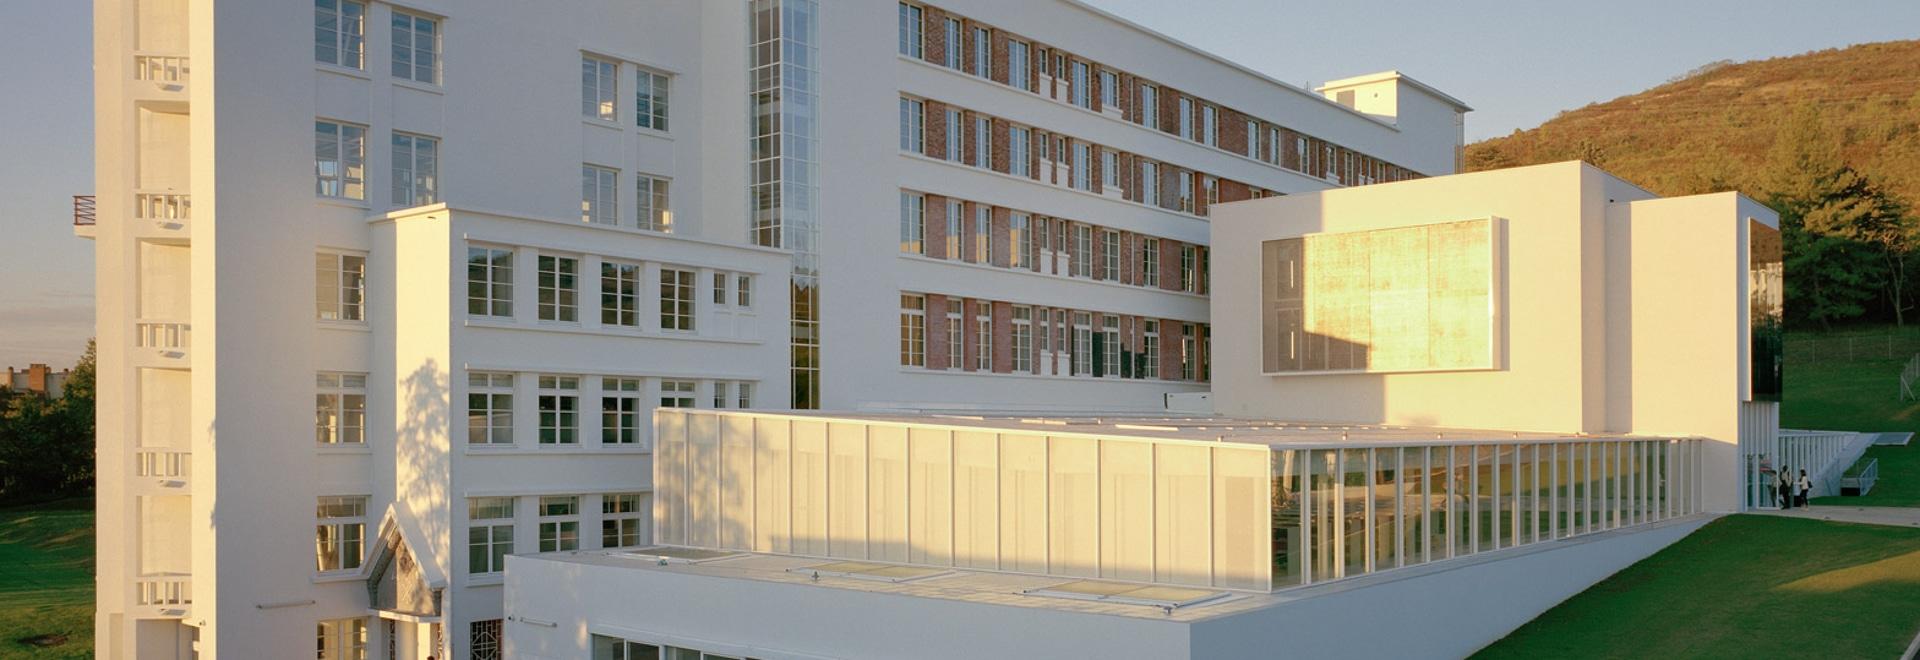 École D Architecture Clermont du besset-lyon transforme l'ancien sanatorium en école de